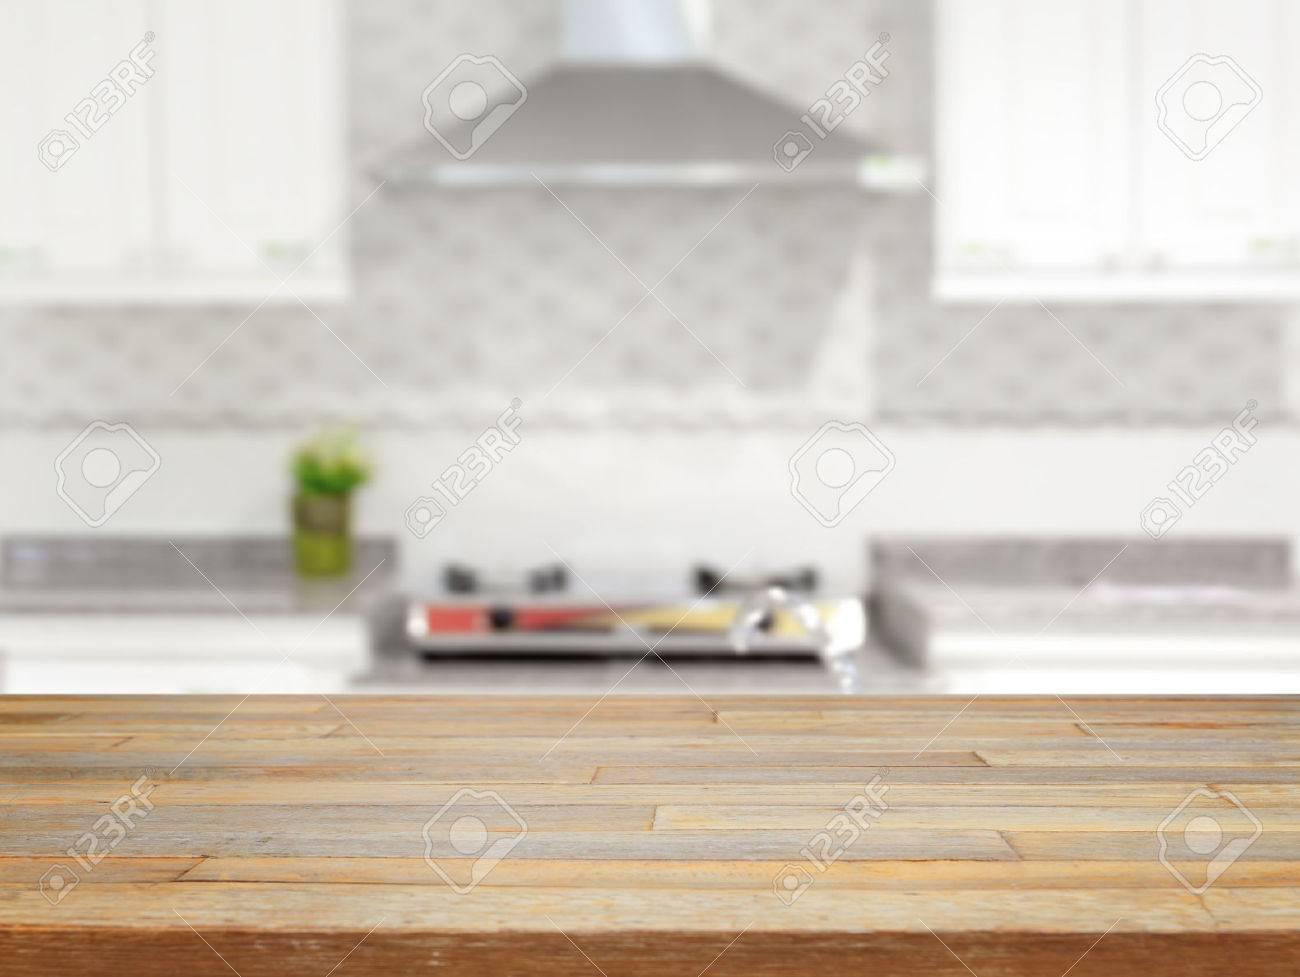 Mesa De Madera Vacía Y Cocina De Exposición De Productos Fondo ...